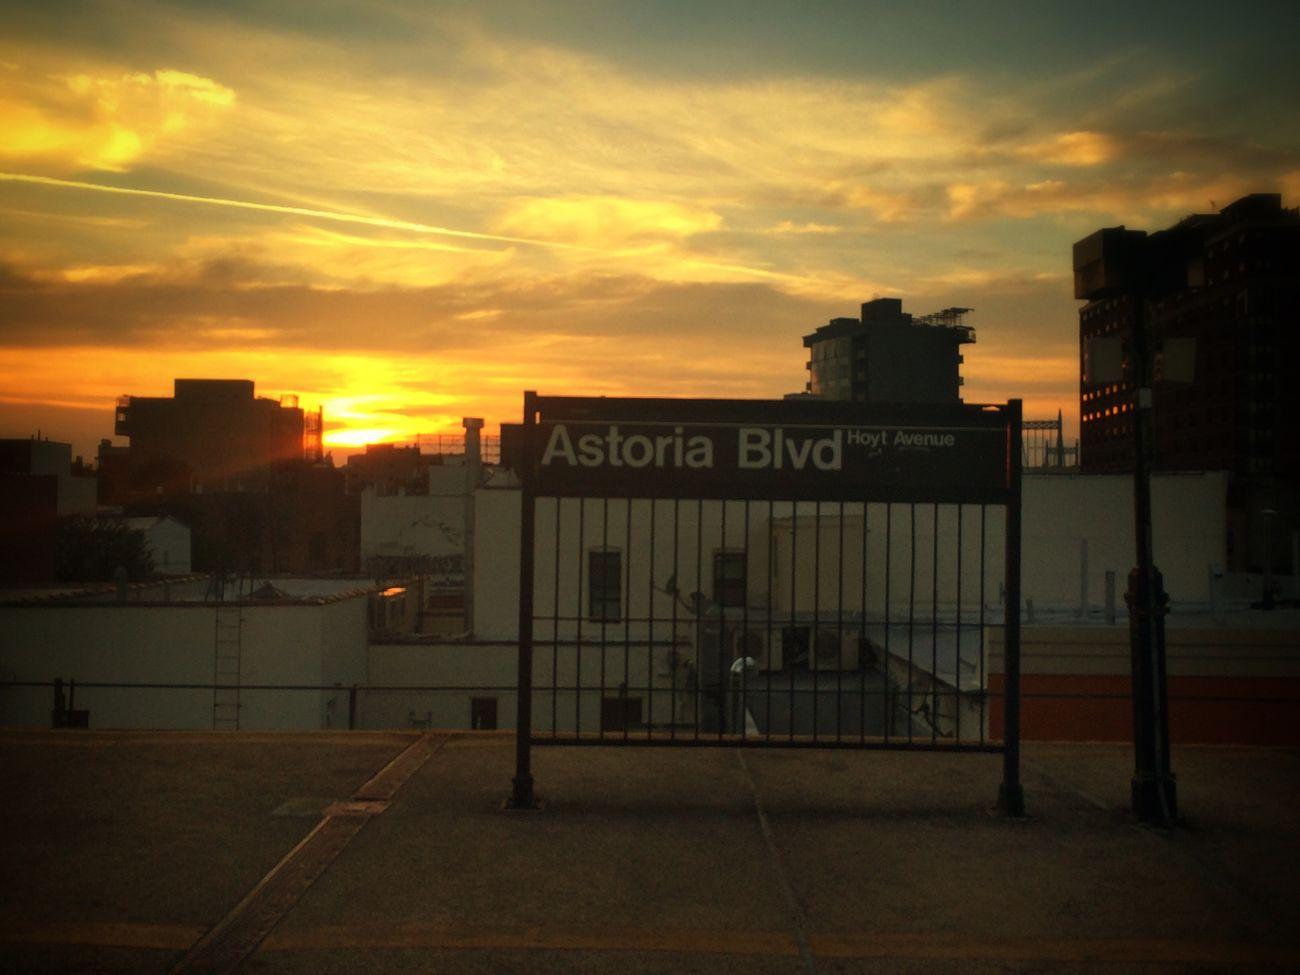 Queens New York Sunset Light